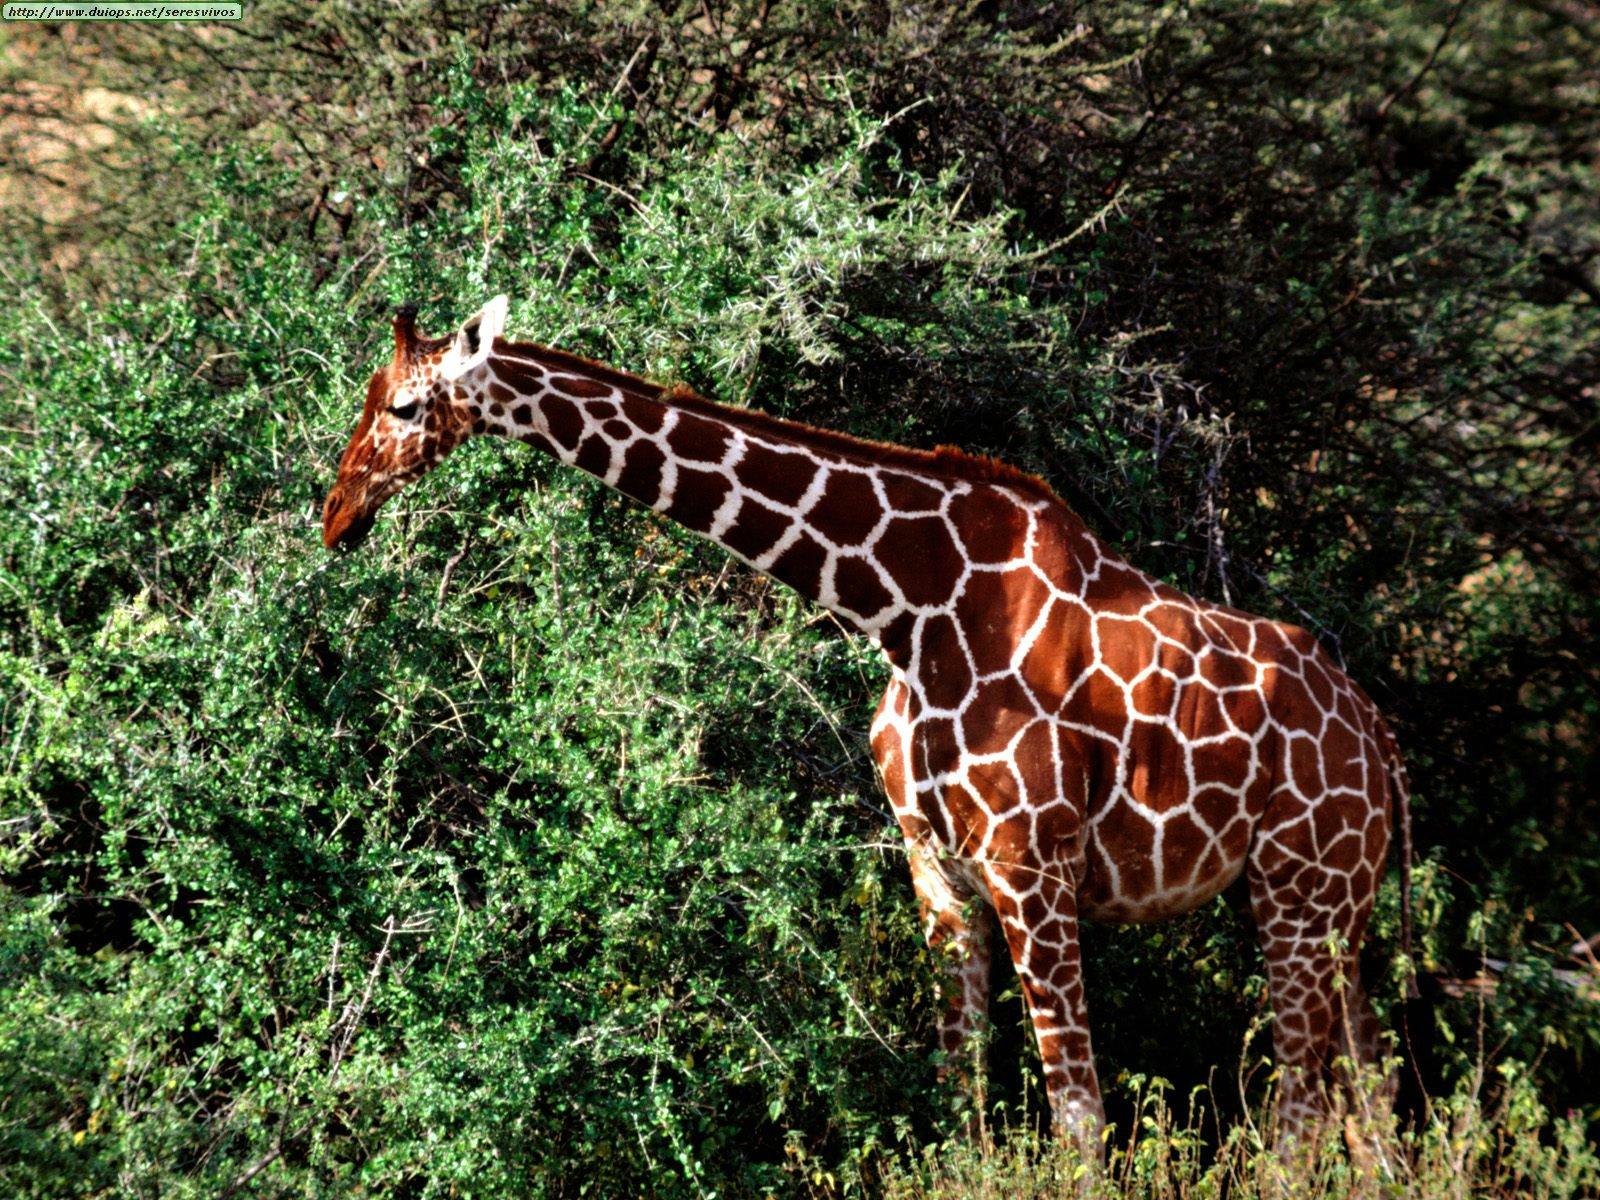 Fotos de jirafas for Taxonomia de la jirafa